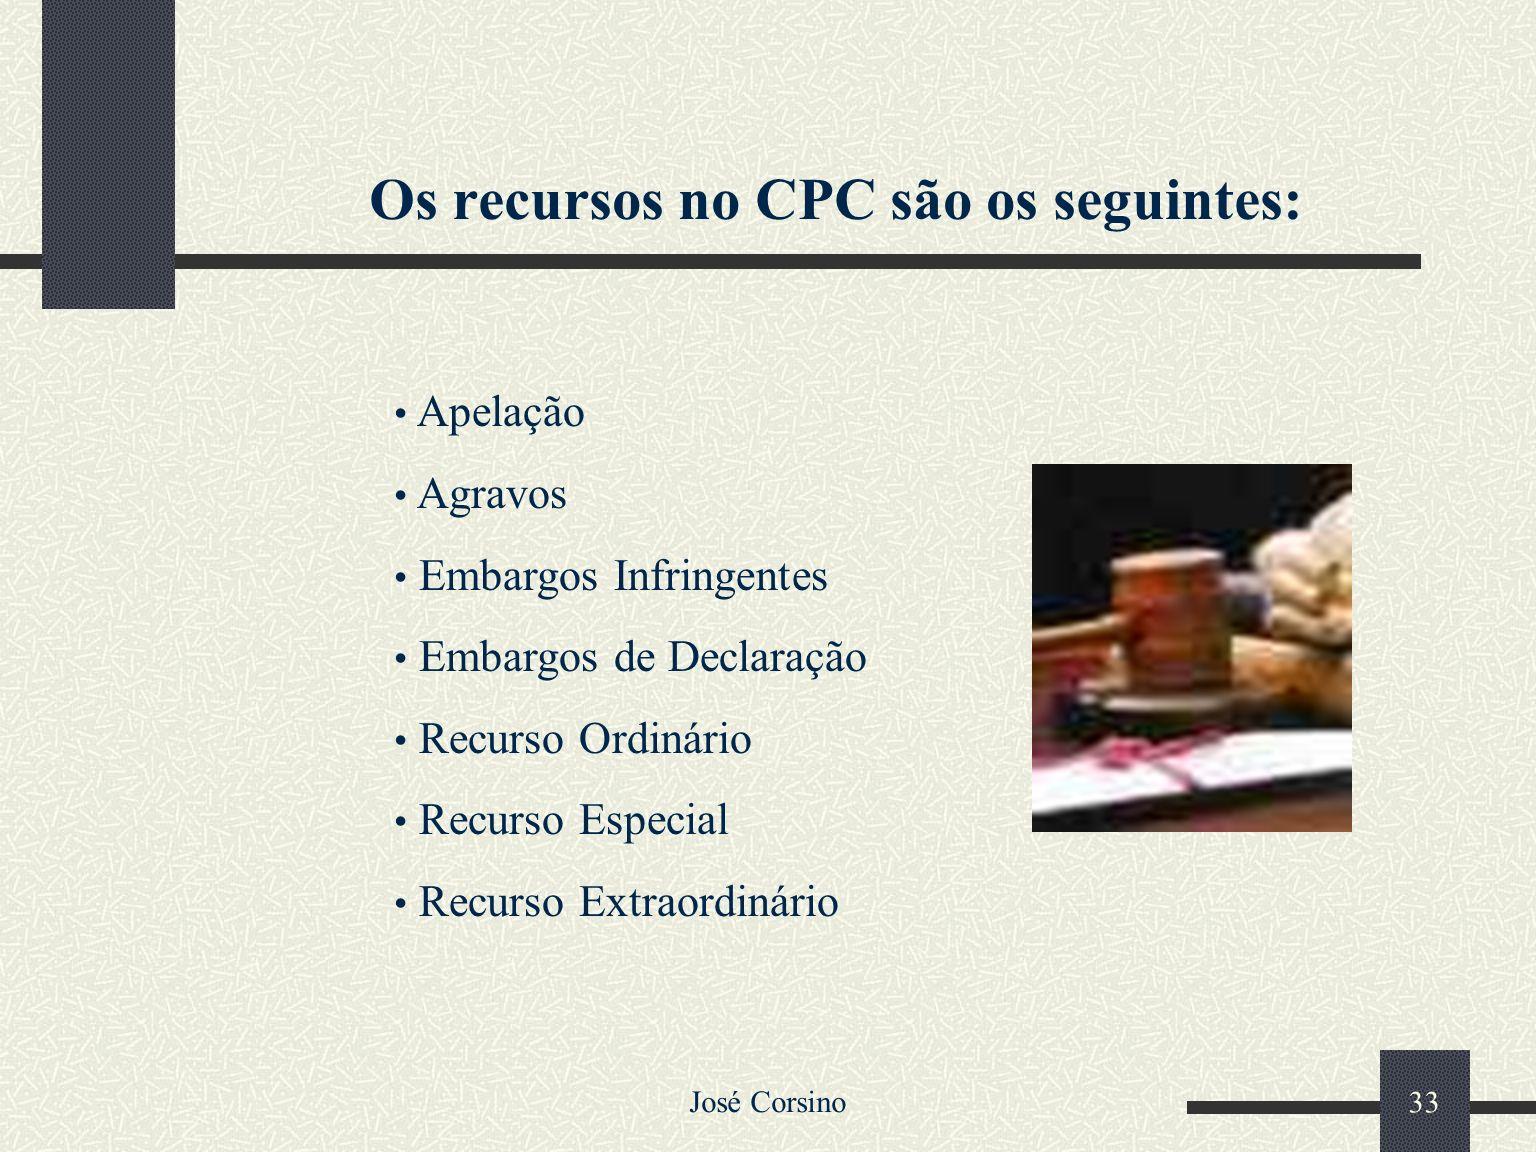 Os recursos no CPC são os seguintes: